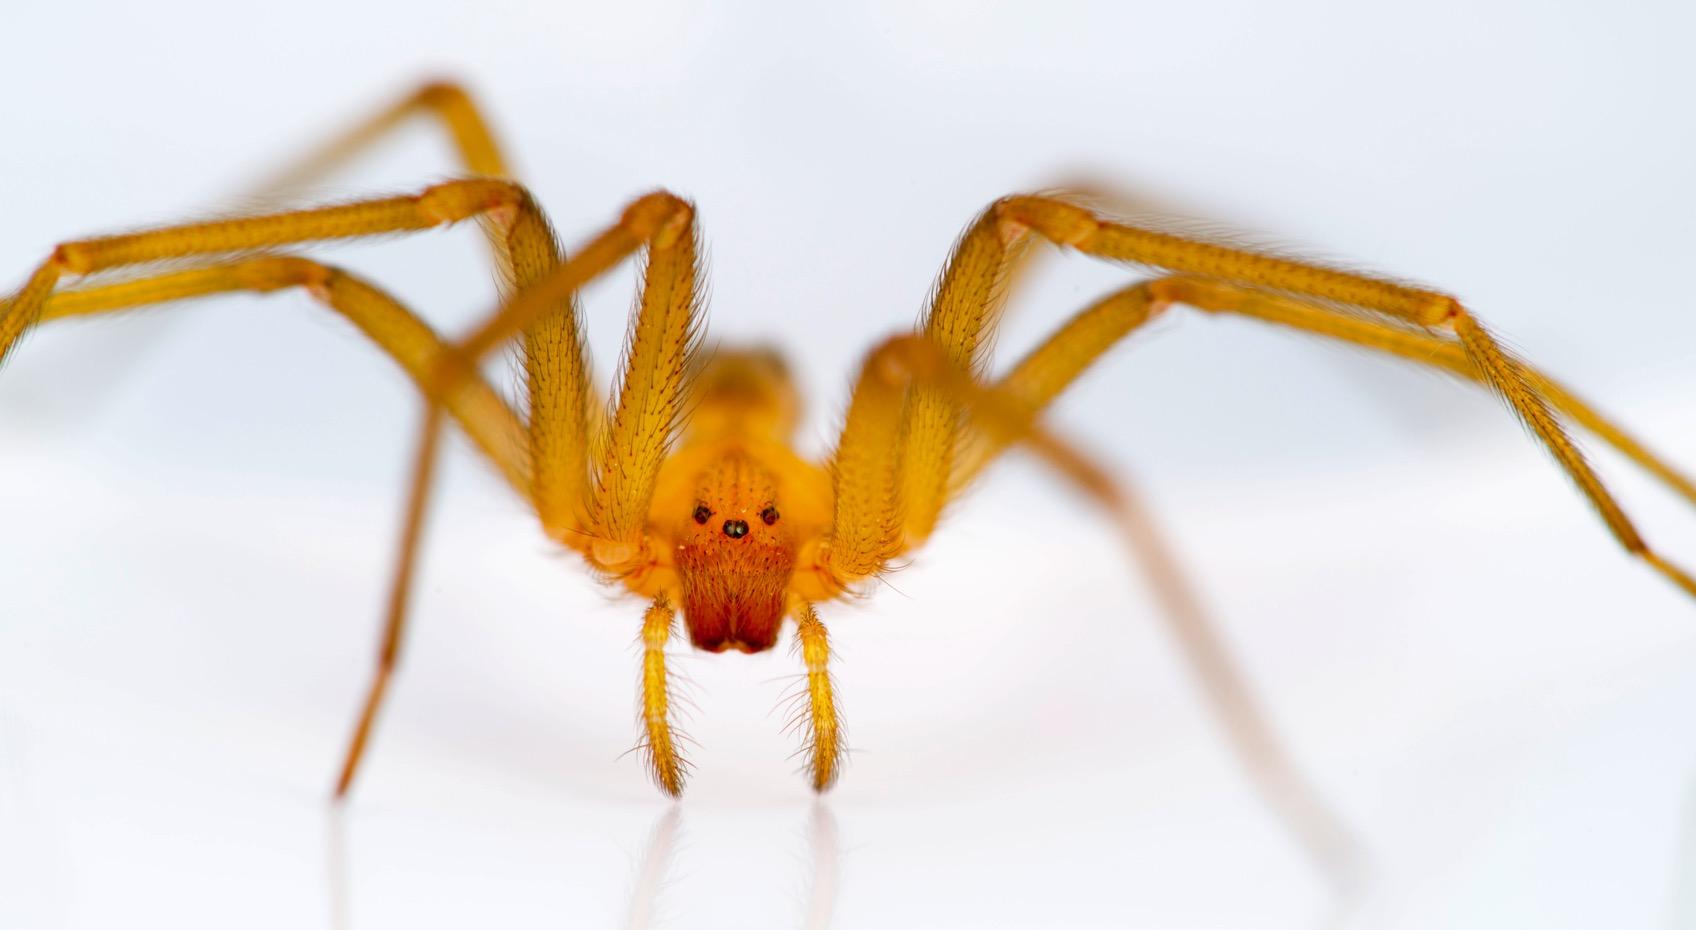 Chilean recluse spider Loxosceles laeta